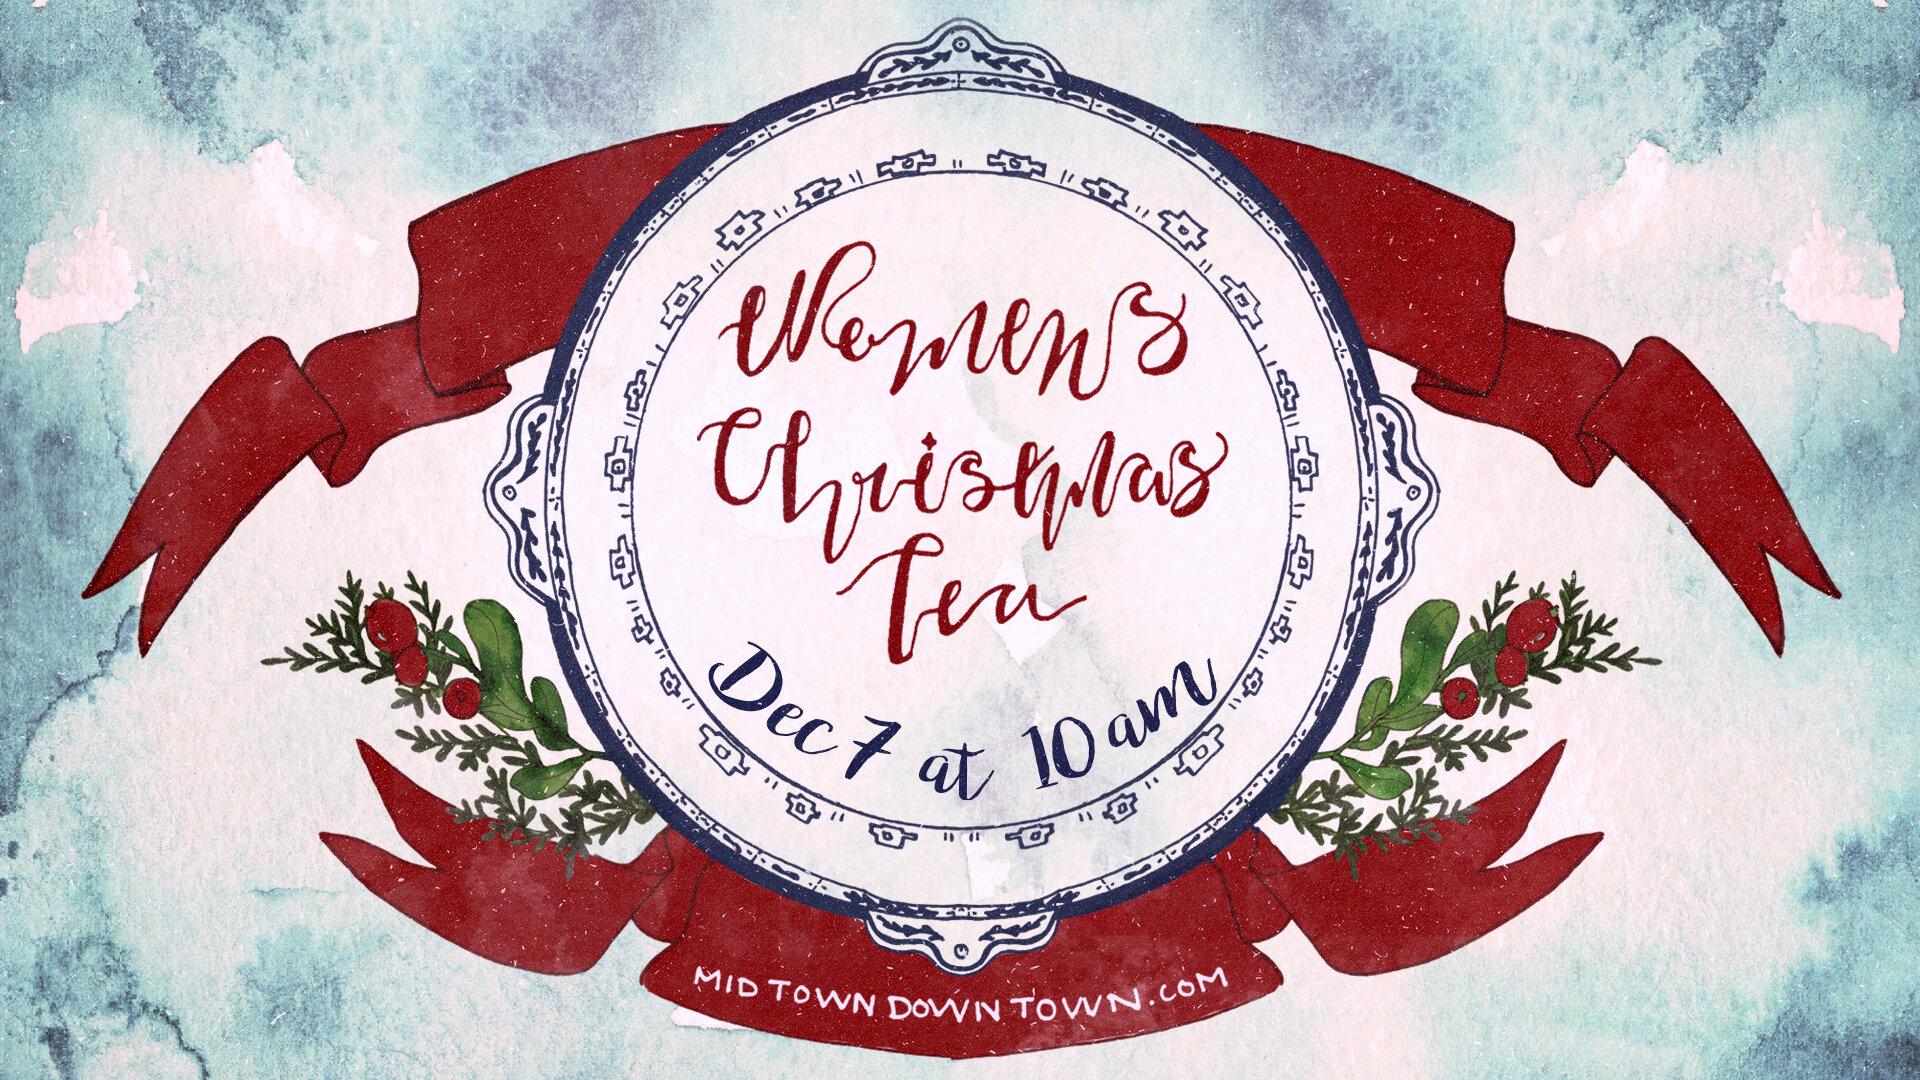 Women's Christmas Tea Slide 2019 V2.jpg